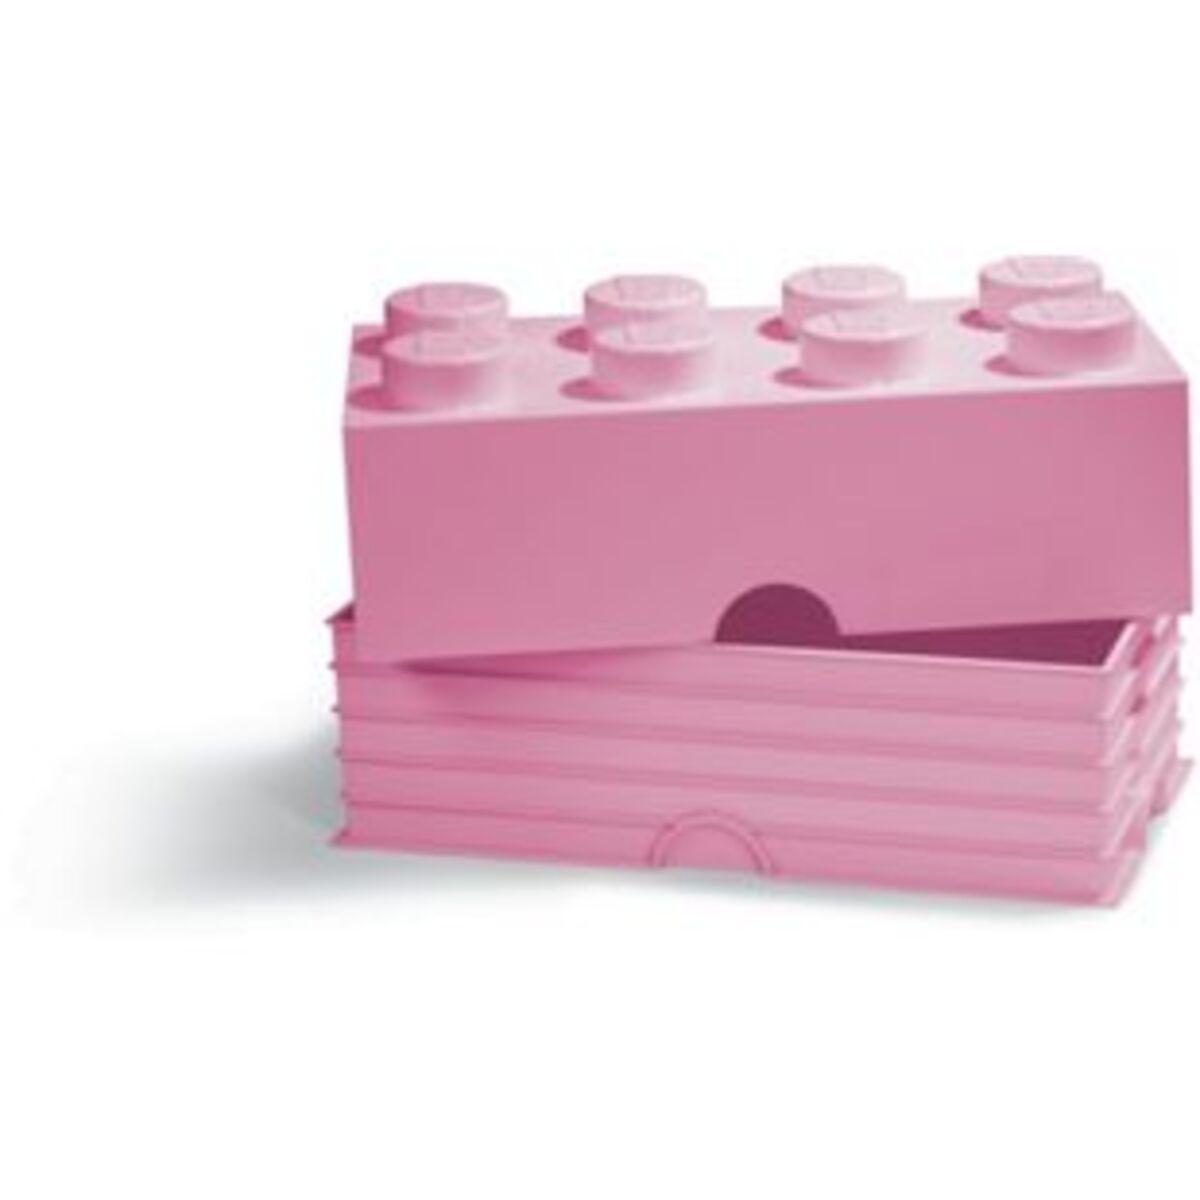 Bild 2 von Lego Storage Brick Aufbewahrungsbox, lila